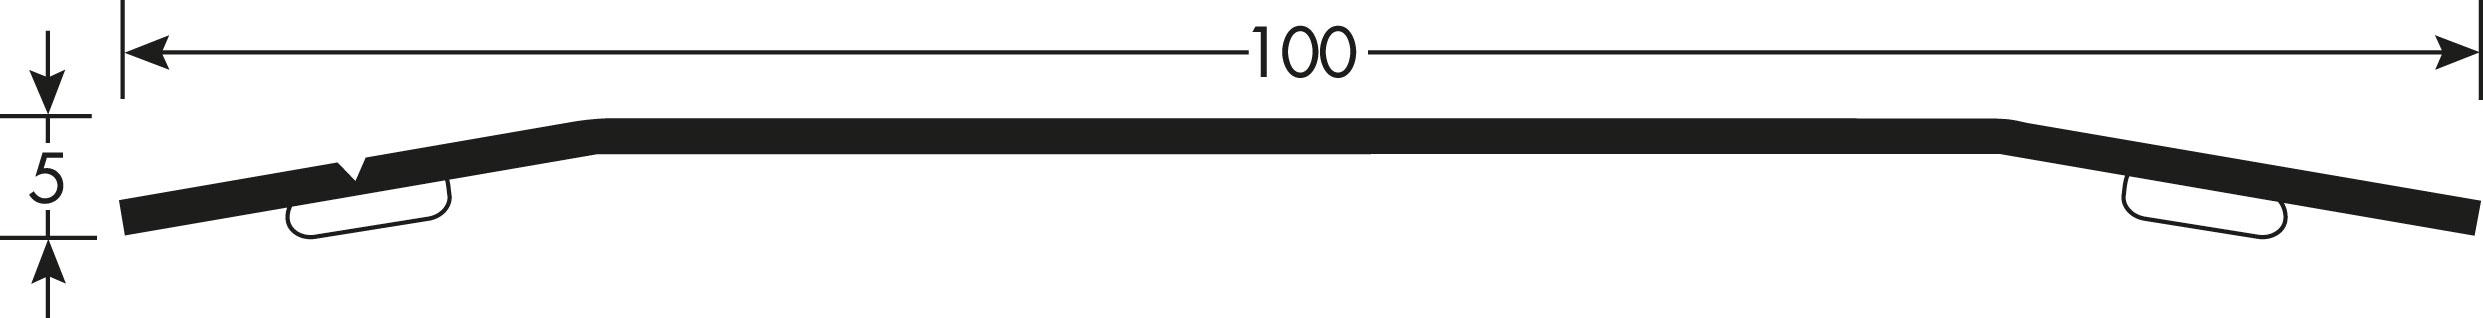 Romus Voegafdekprofiel Geborsteld RVS 100 Tekening